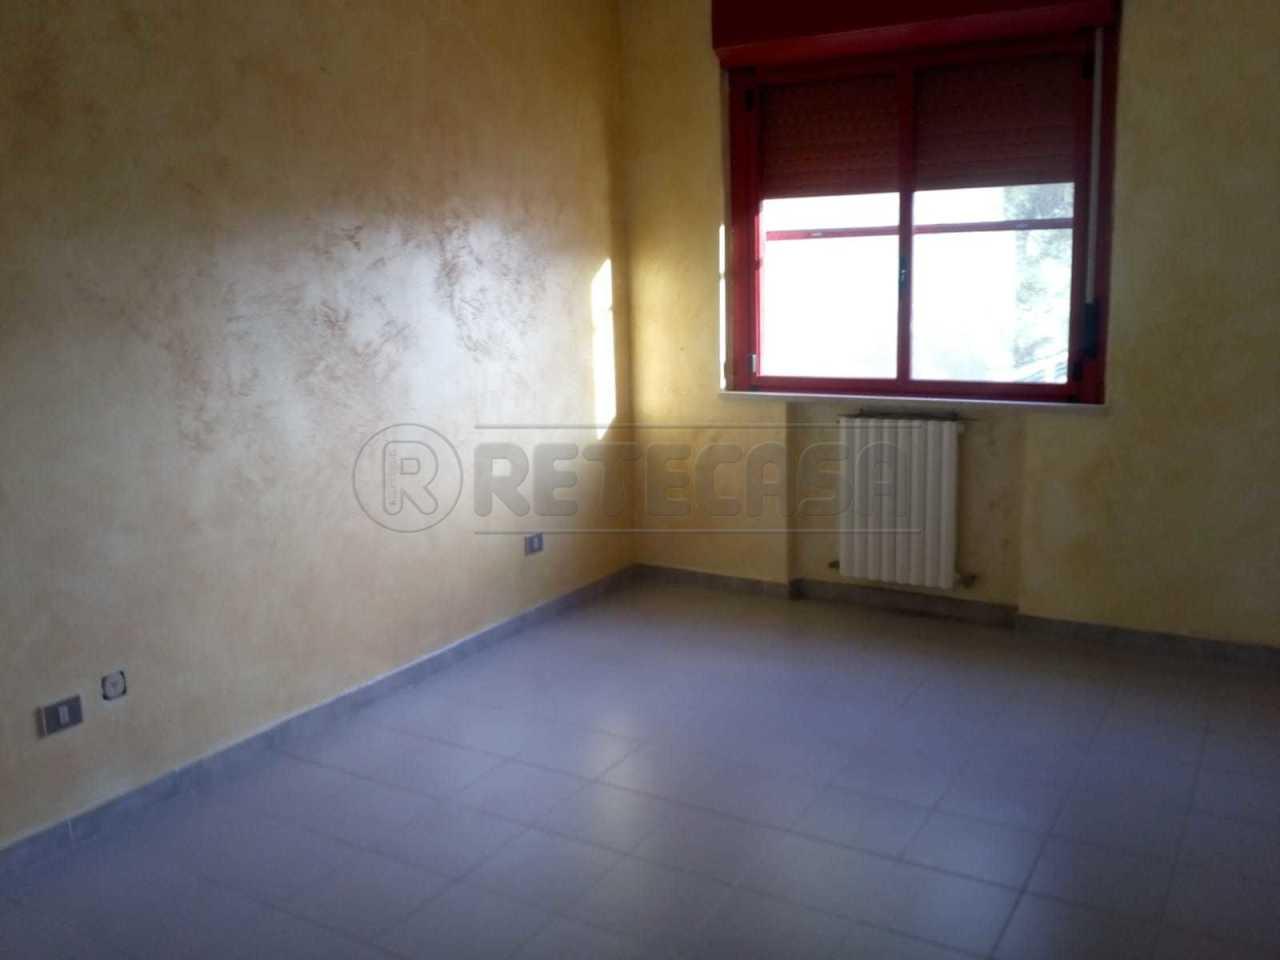 Appartamento - Trilocale a Catanzaro